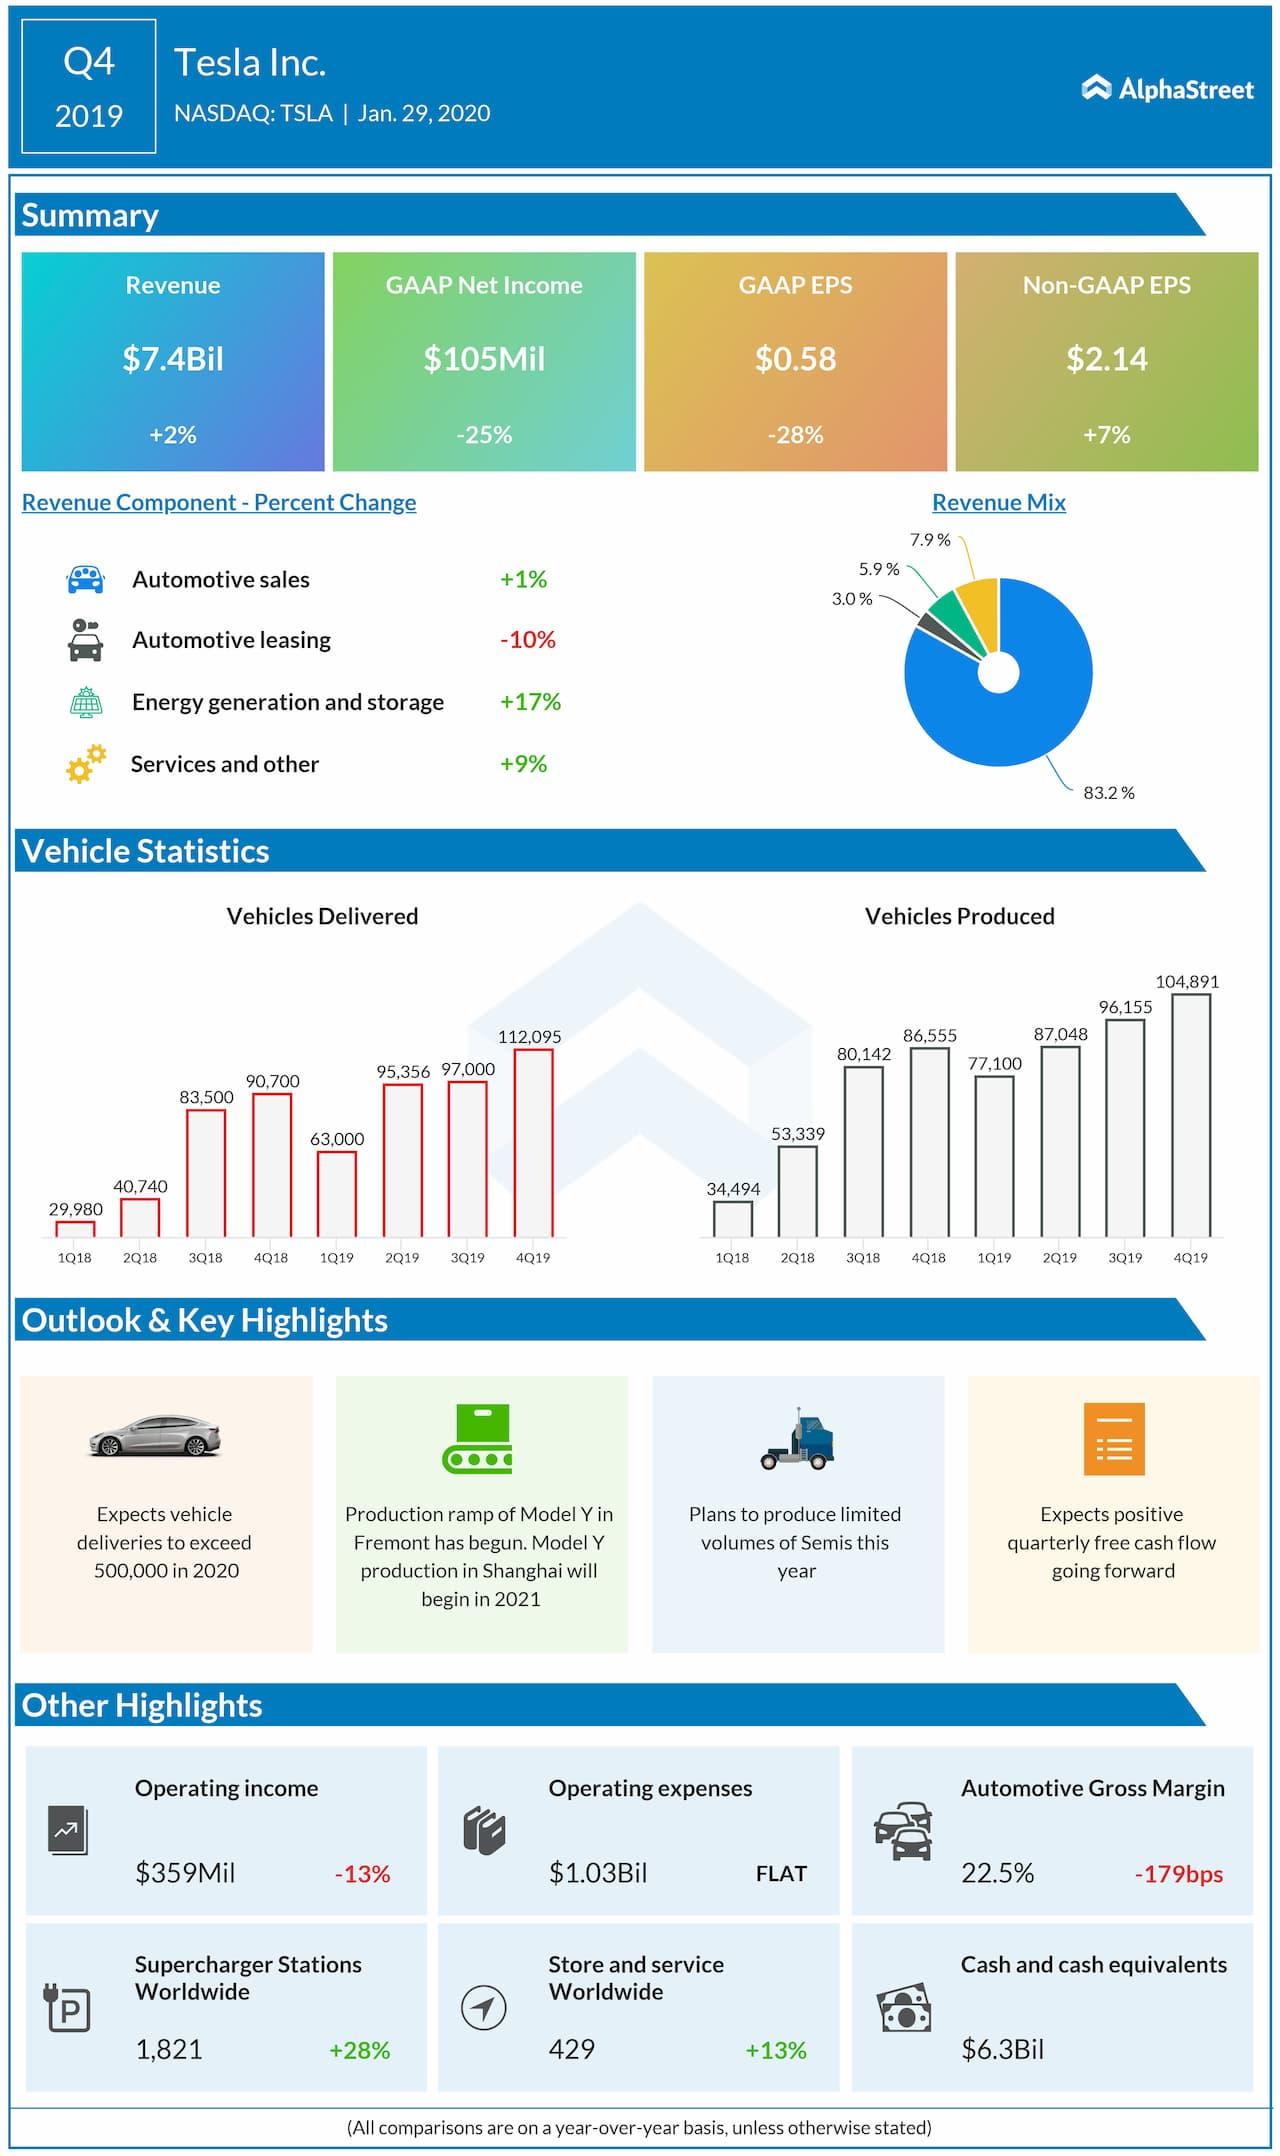 Tesla Q4 2019 earnings infographic